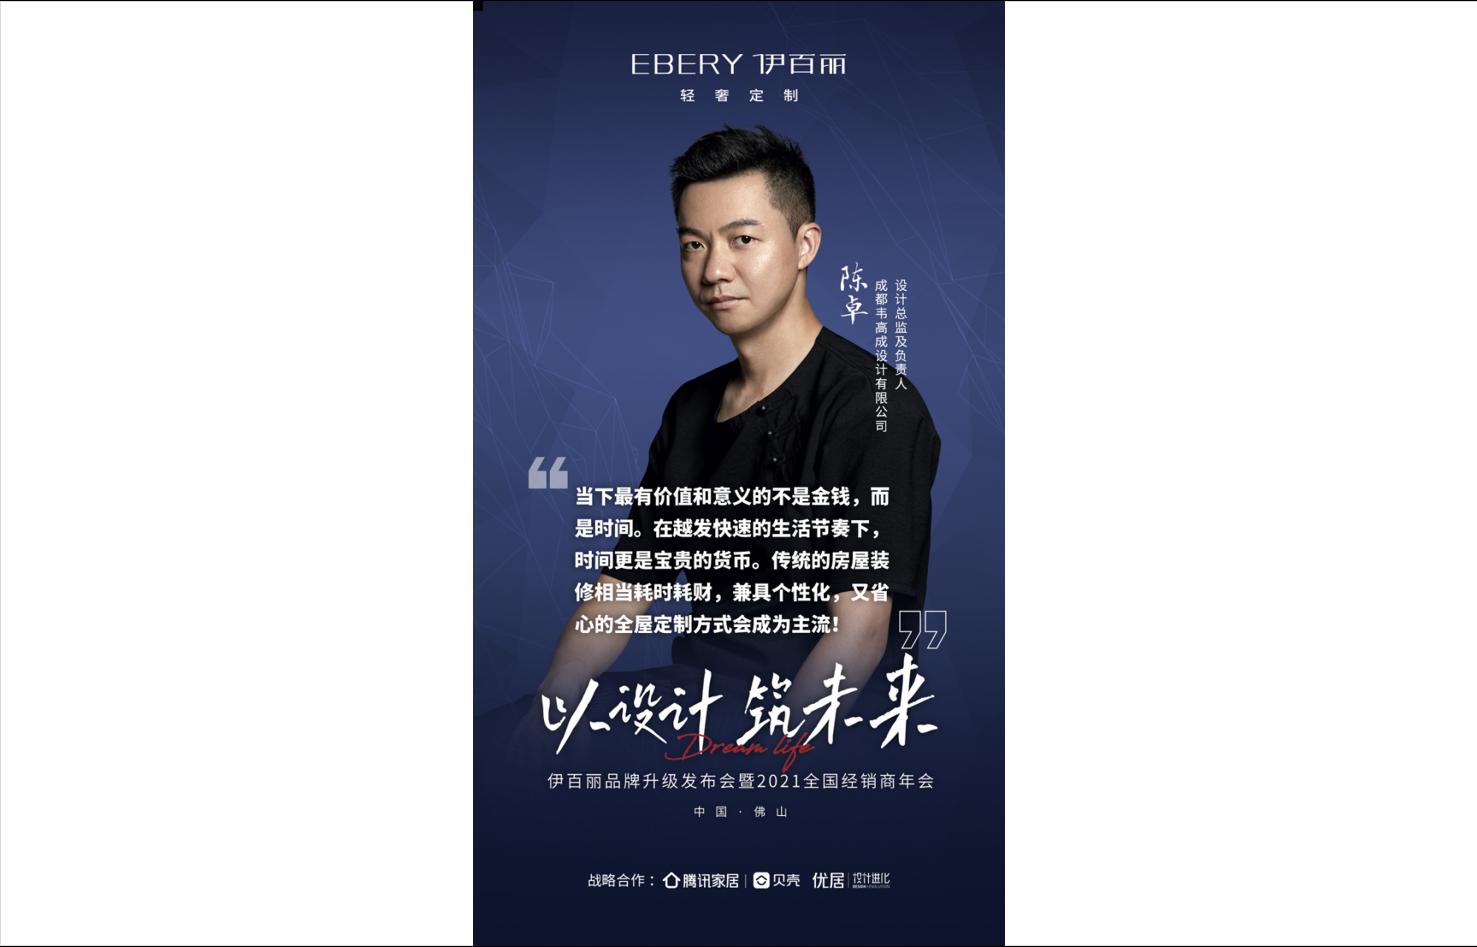 Chen Zhuo - Design Director and principal of Chengdu weigaocheng Design Co., Ltd